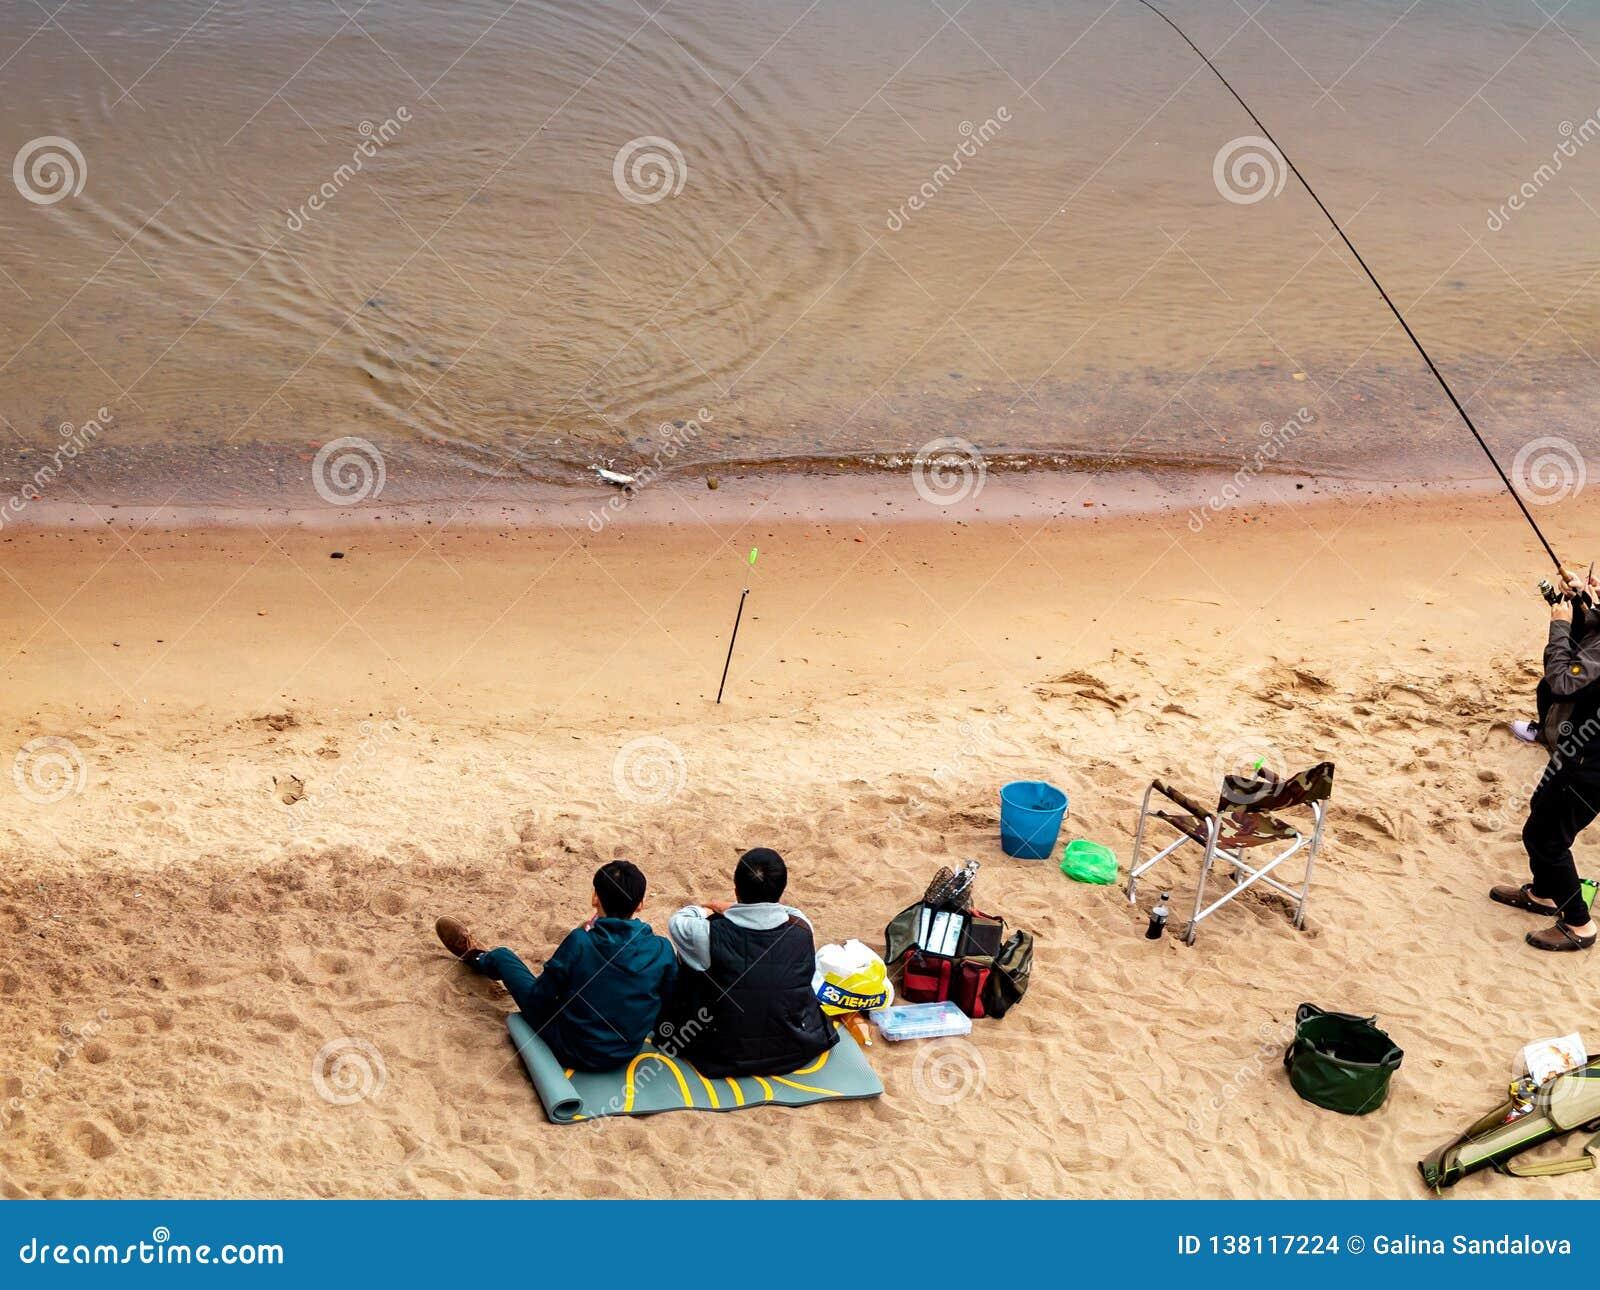 St. Petersburg, Rusland - Juli 10, 2018: De groep vissers vist op de zandige kusten van de Golf van Finland onder de brug